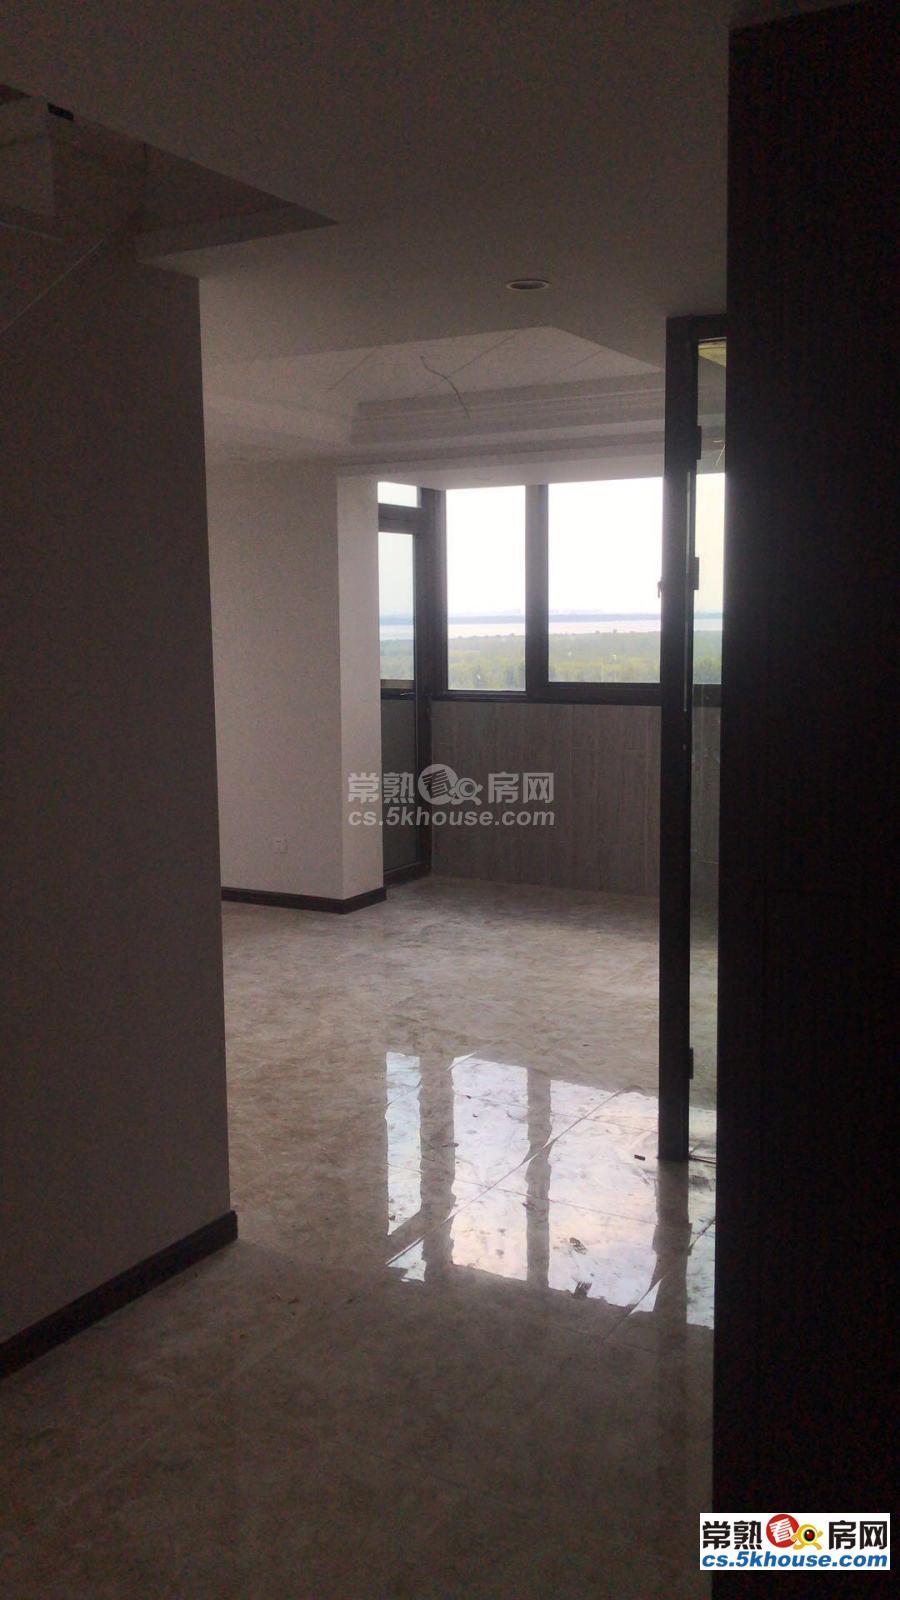 紫晶城 66万 2室2厅1卫 精装修 阔绰客厅超大实用面积价格堪比毛坯房